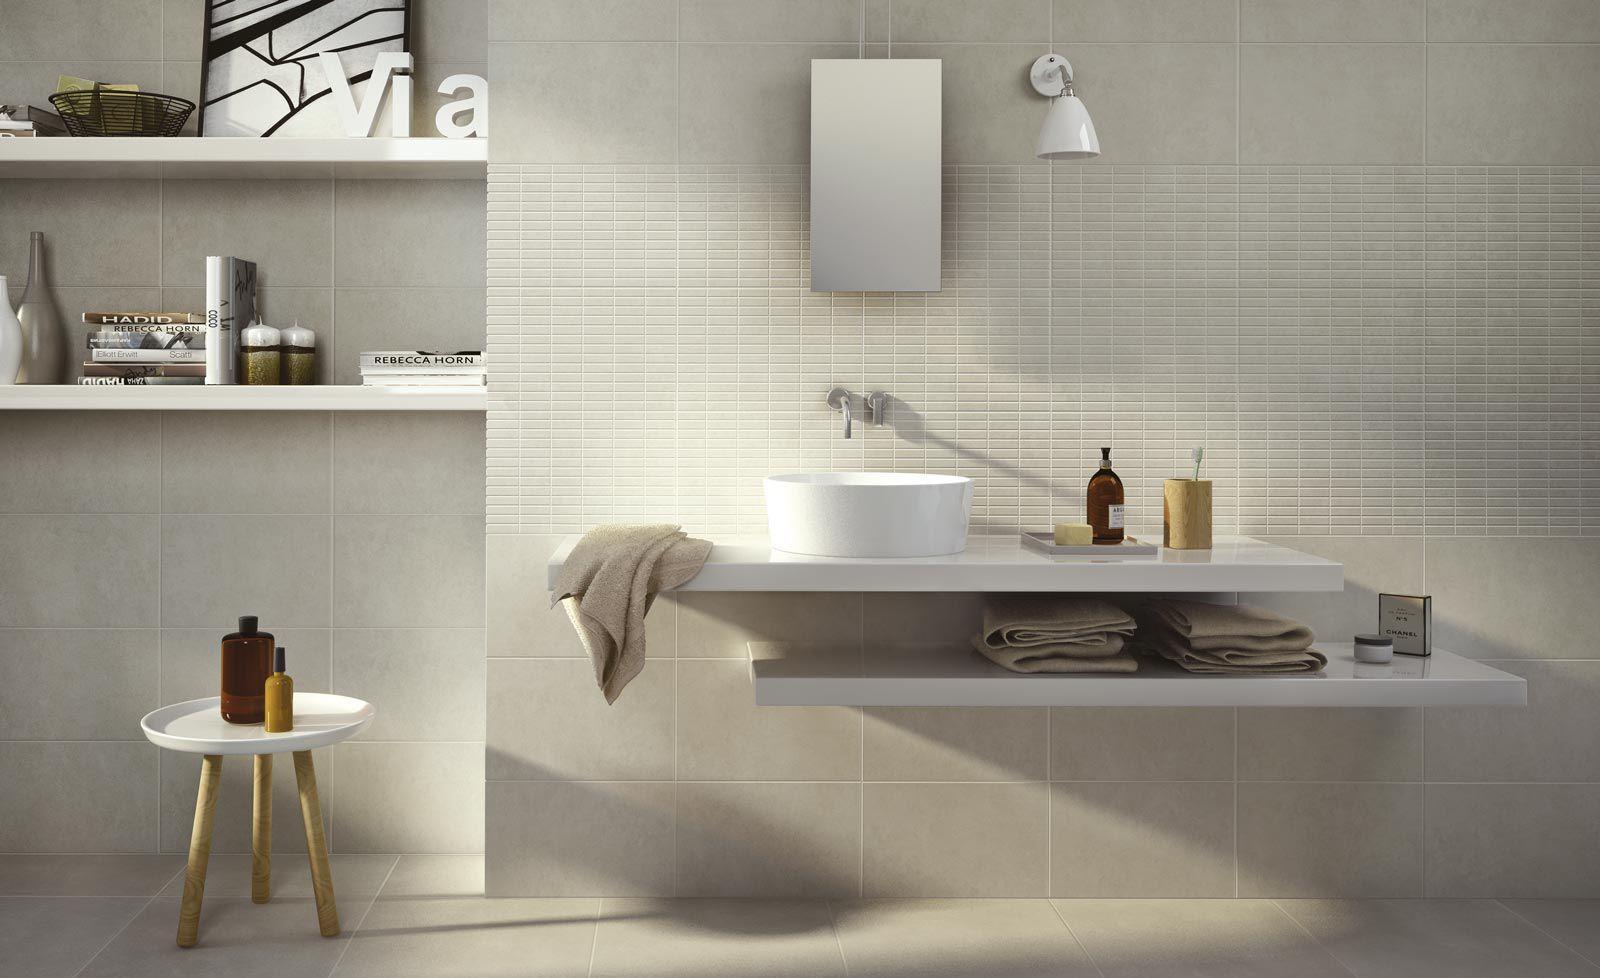 Piastrella da bagno da cucina da parete in ceramica